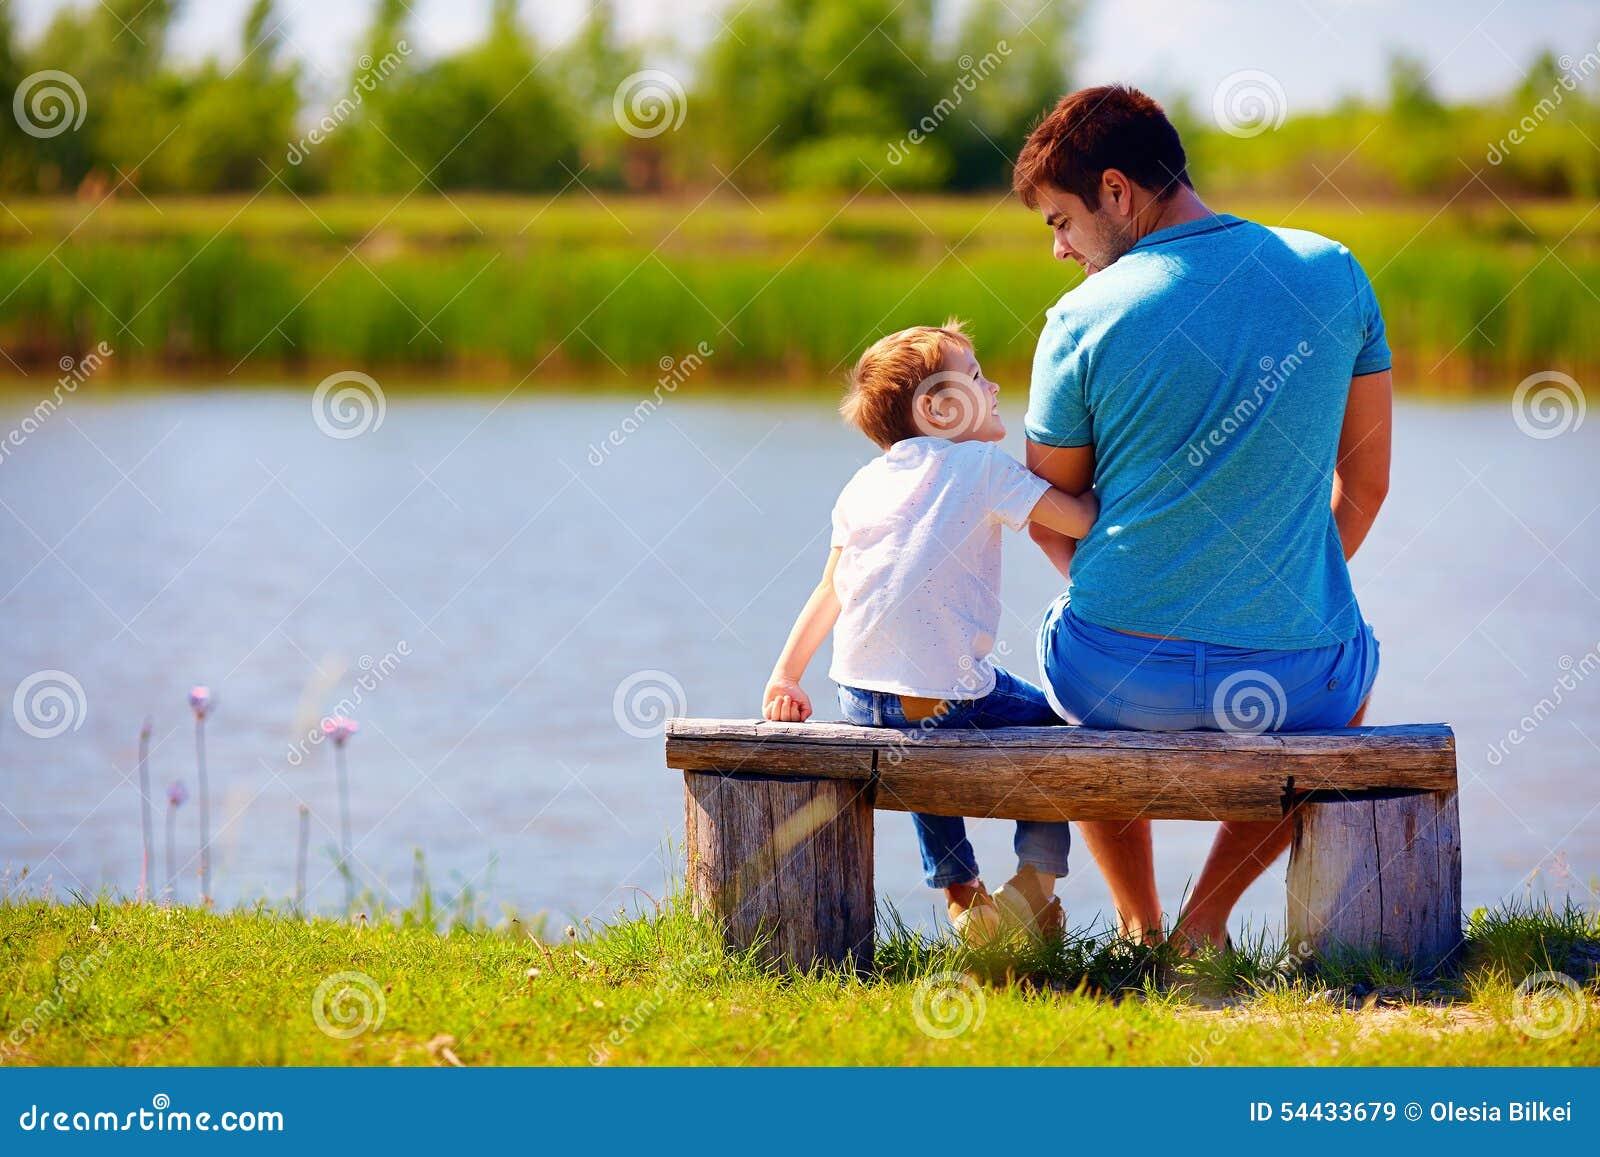 Сын и мать любовники в тайне от отца, Сын и мама в тайне о отца стали Любовниками 26 фотография